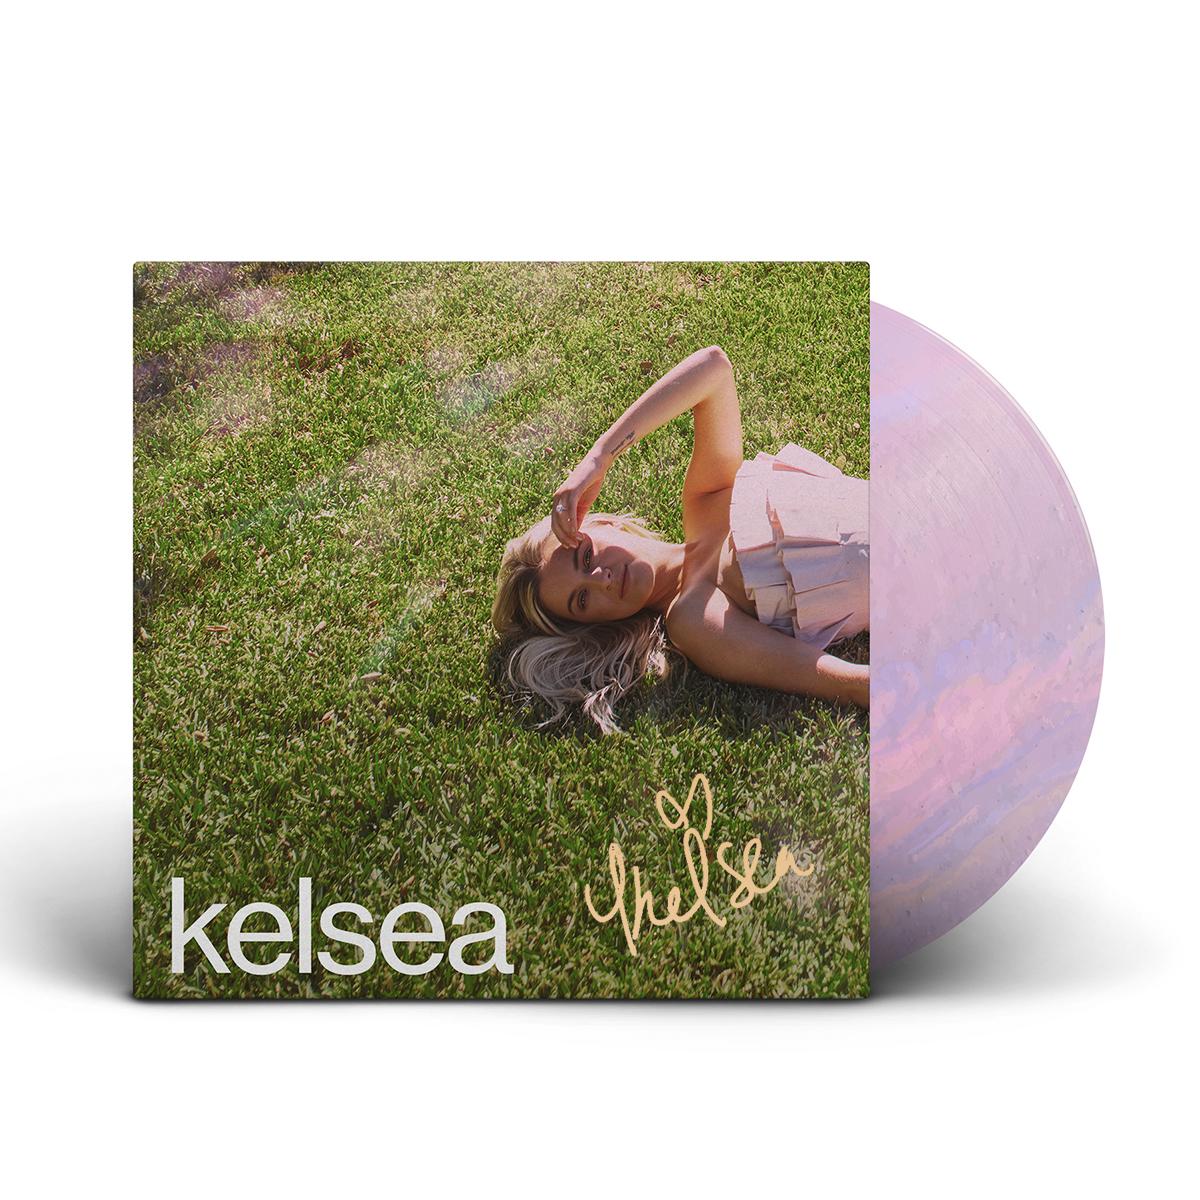 kelsea Vinyl - SIGNED